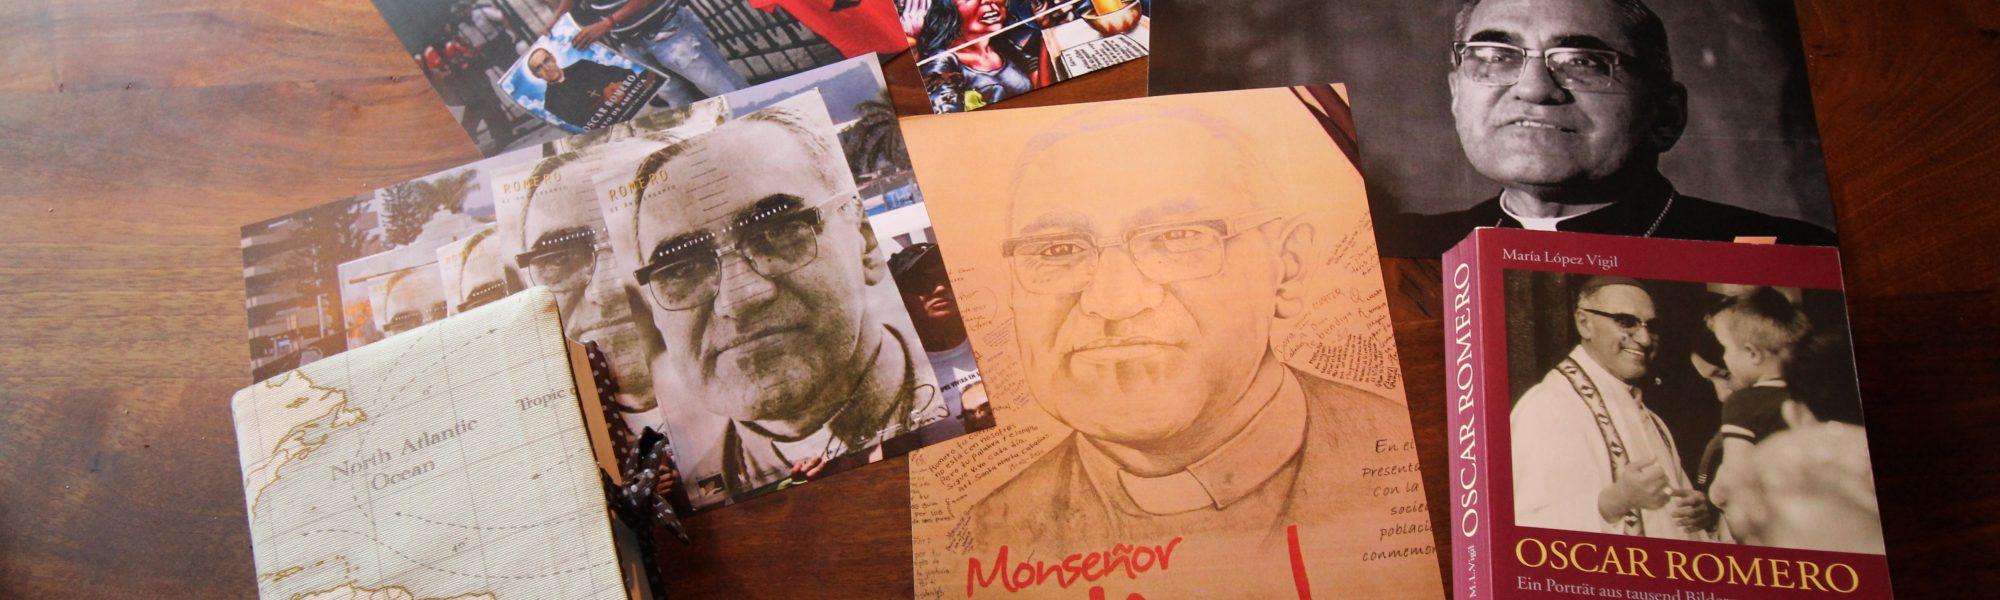 Romeropreis geht an die Arbeitsgruppe Eine Welt